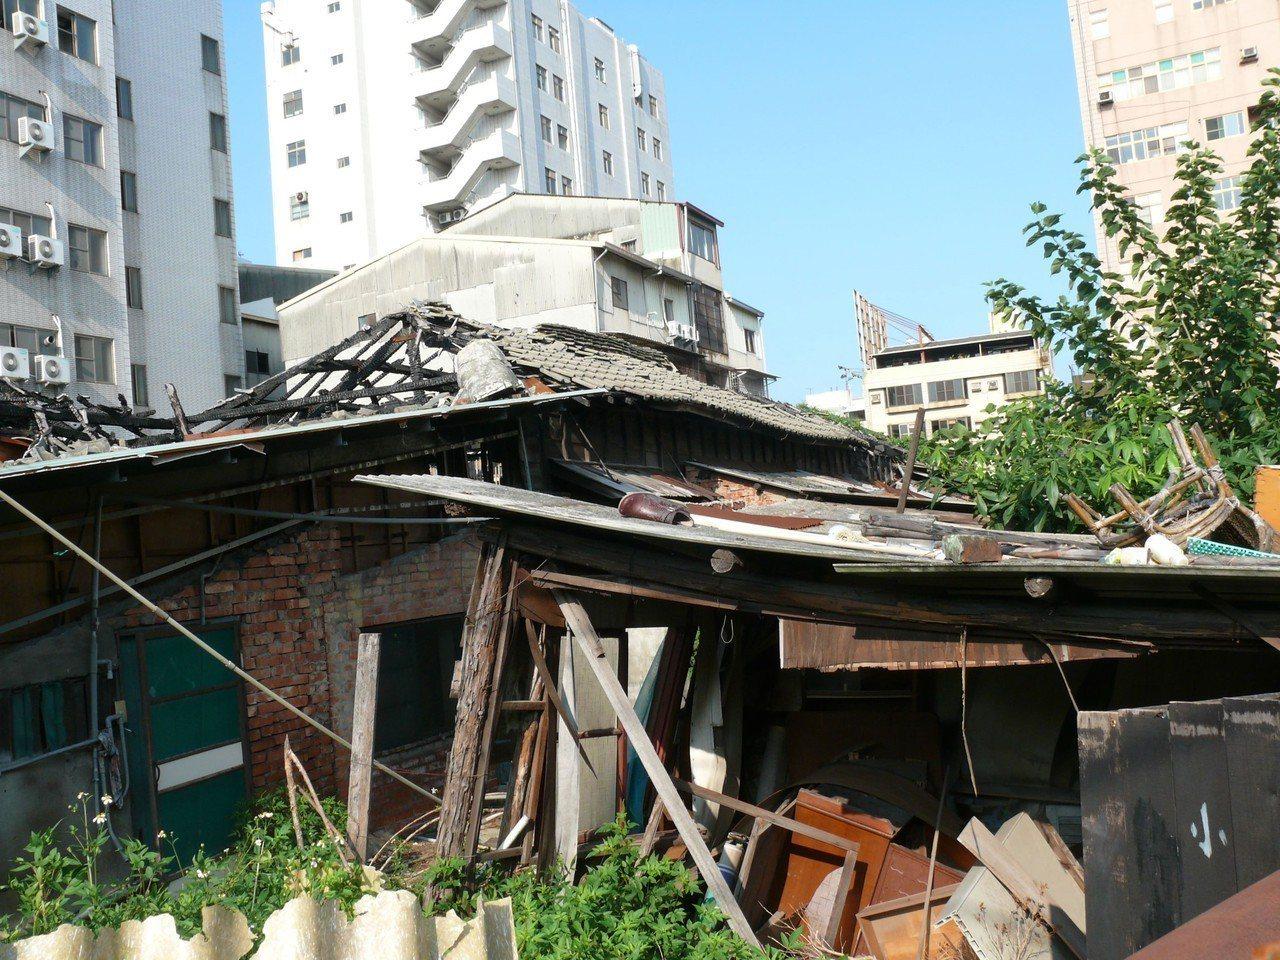 台南市定古蹟台南刑務所中的合宿所在2005年遭祝融後,仍有木構件及樑柱等殘存。圖...